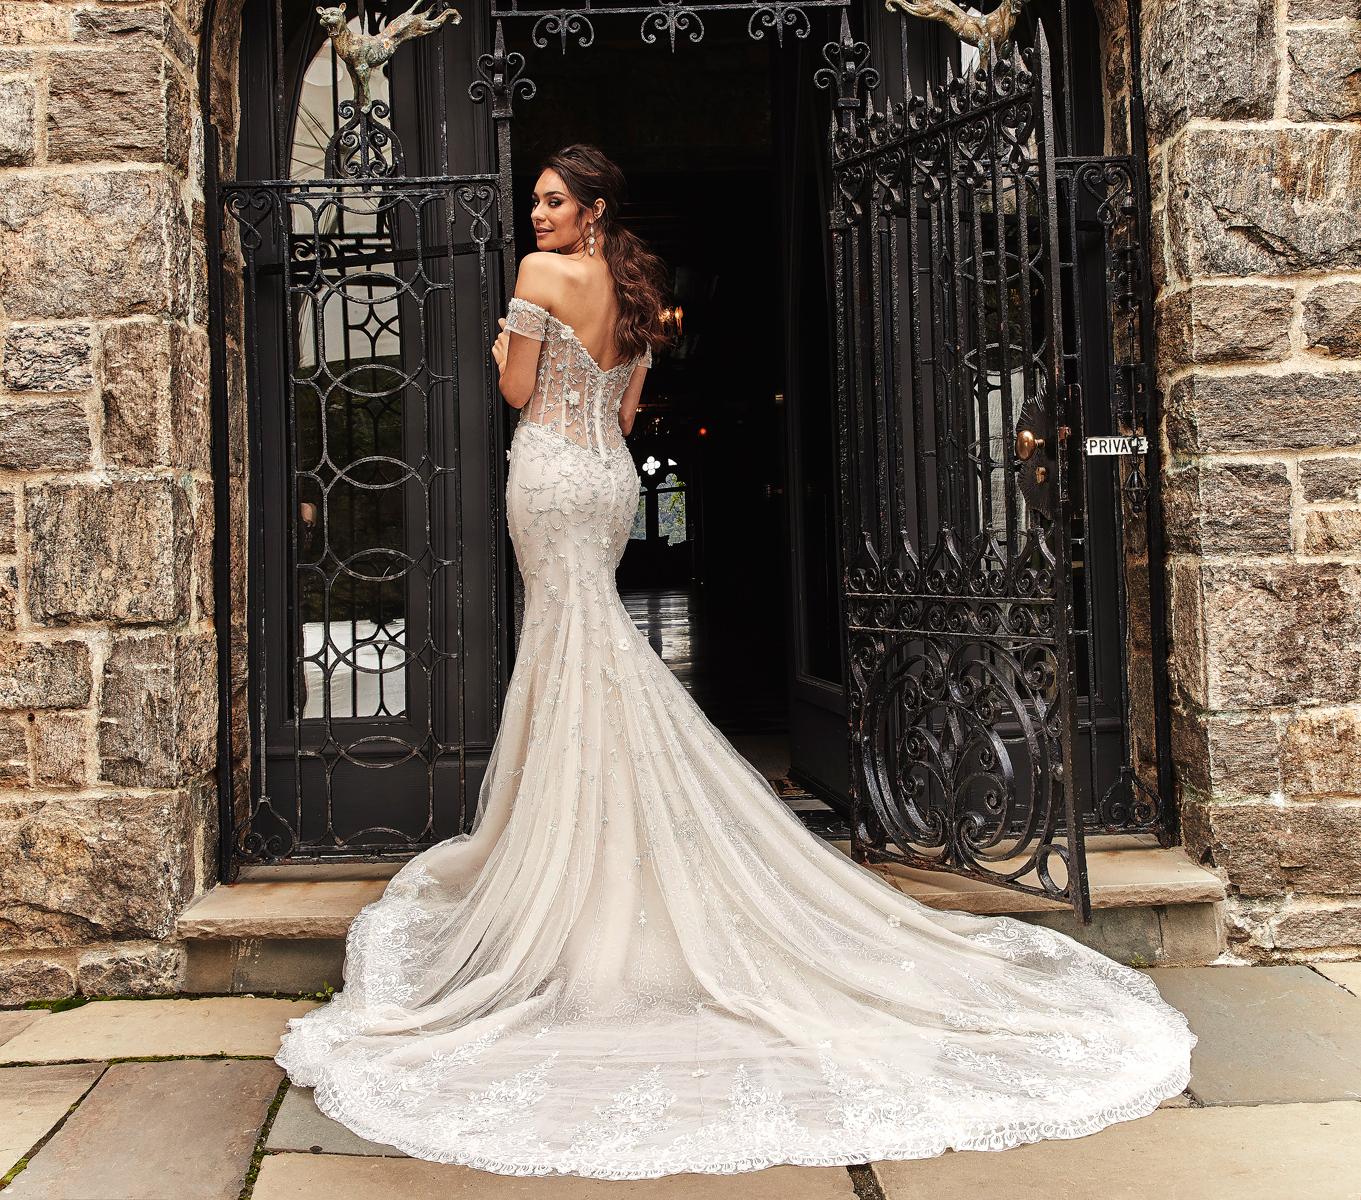 da9e3d055e6 Off The Shoulder Beaded Fit And Flare Wedding Dress